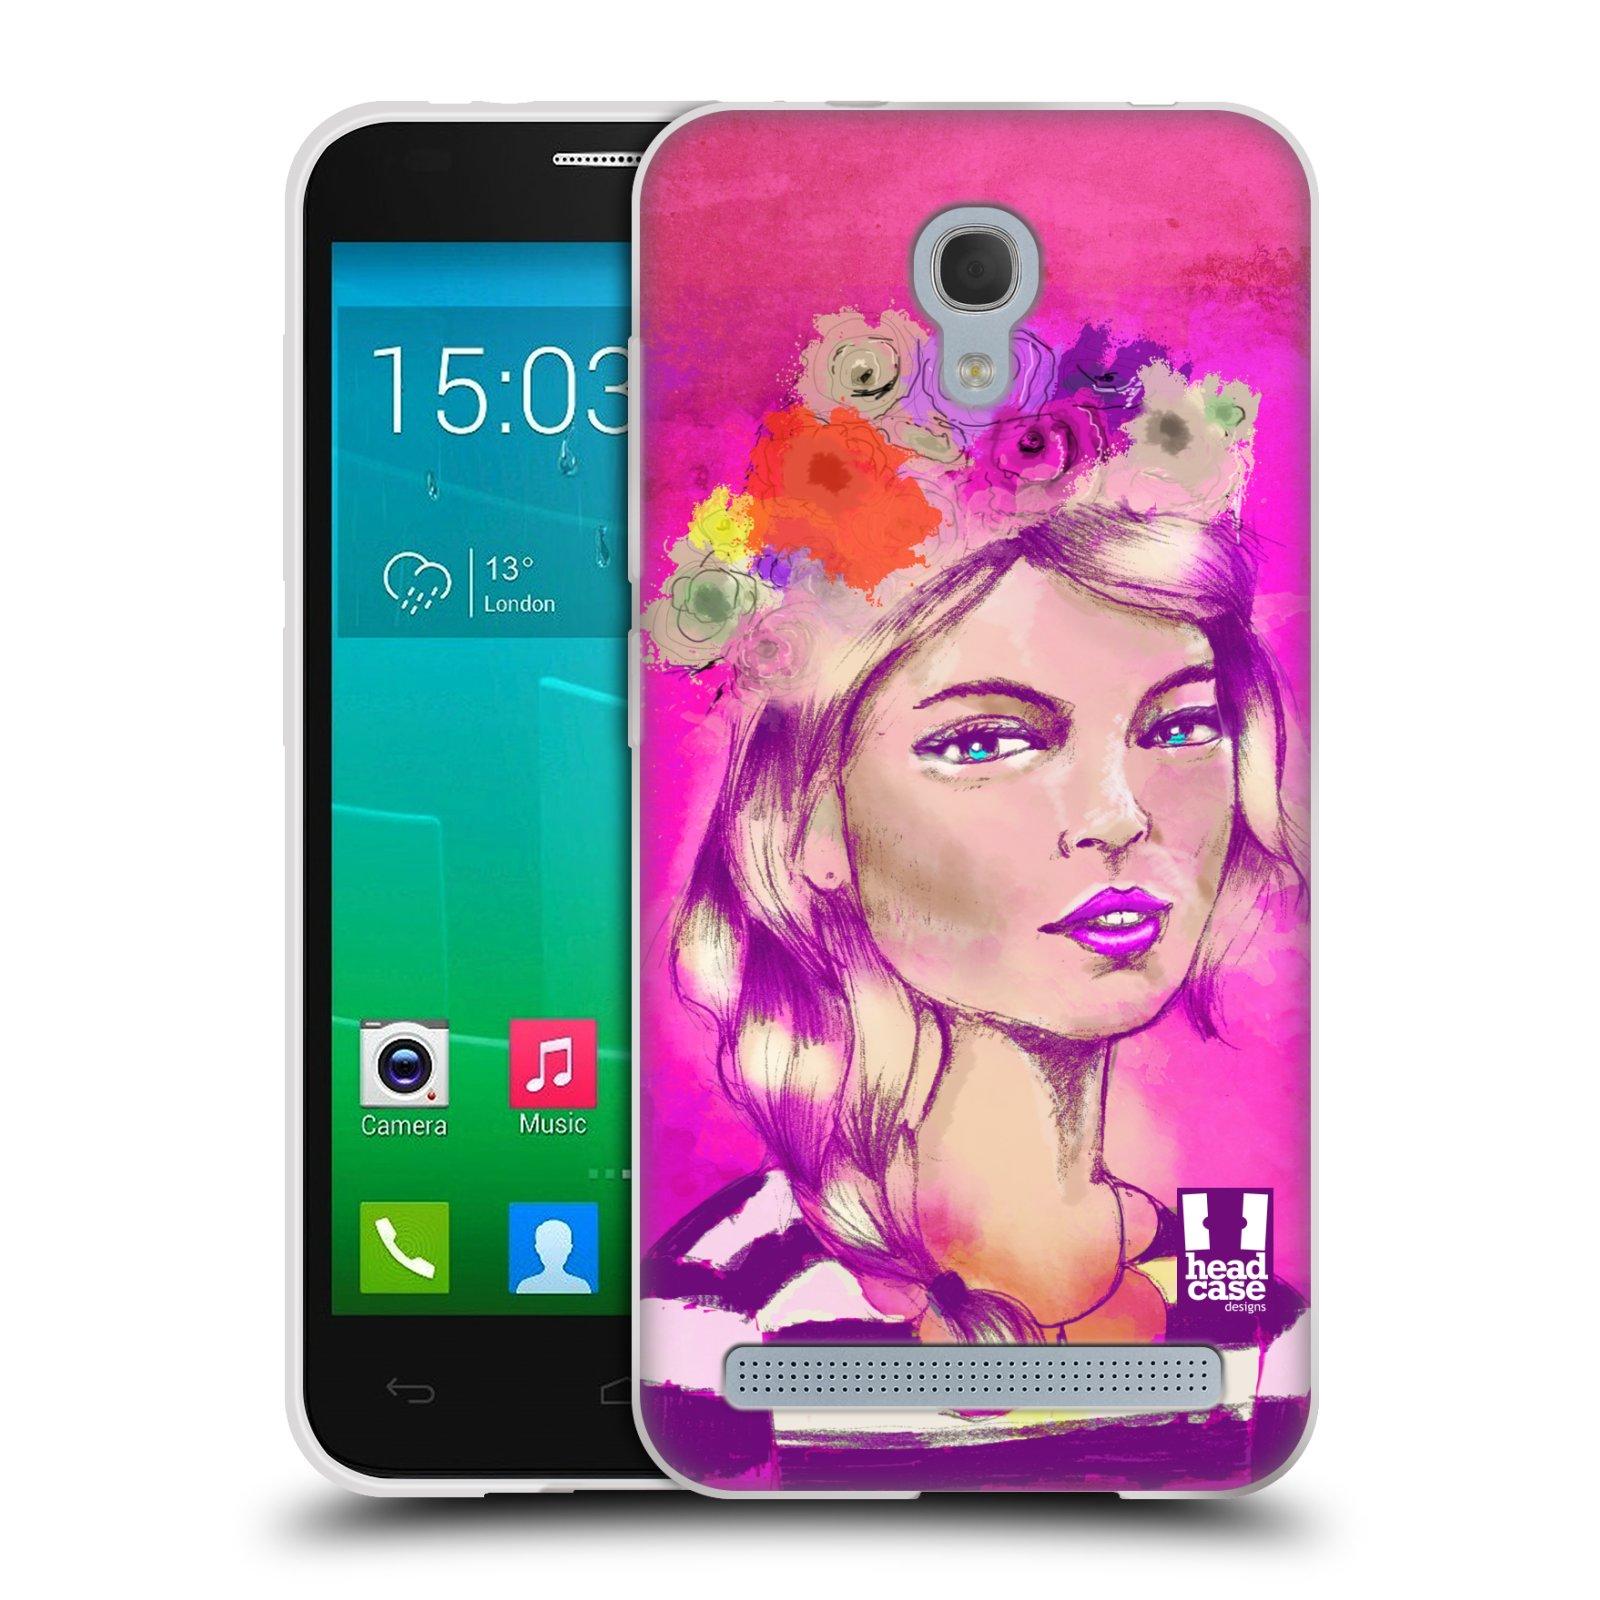 HEAD CASE silikonový obal na mobil Alcatel Idol 2 MINI S 6036Y vzor Dívka dlouhé květinové vlasy OKOUZLUJÍCÍ